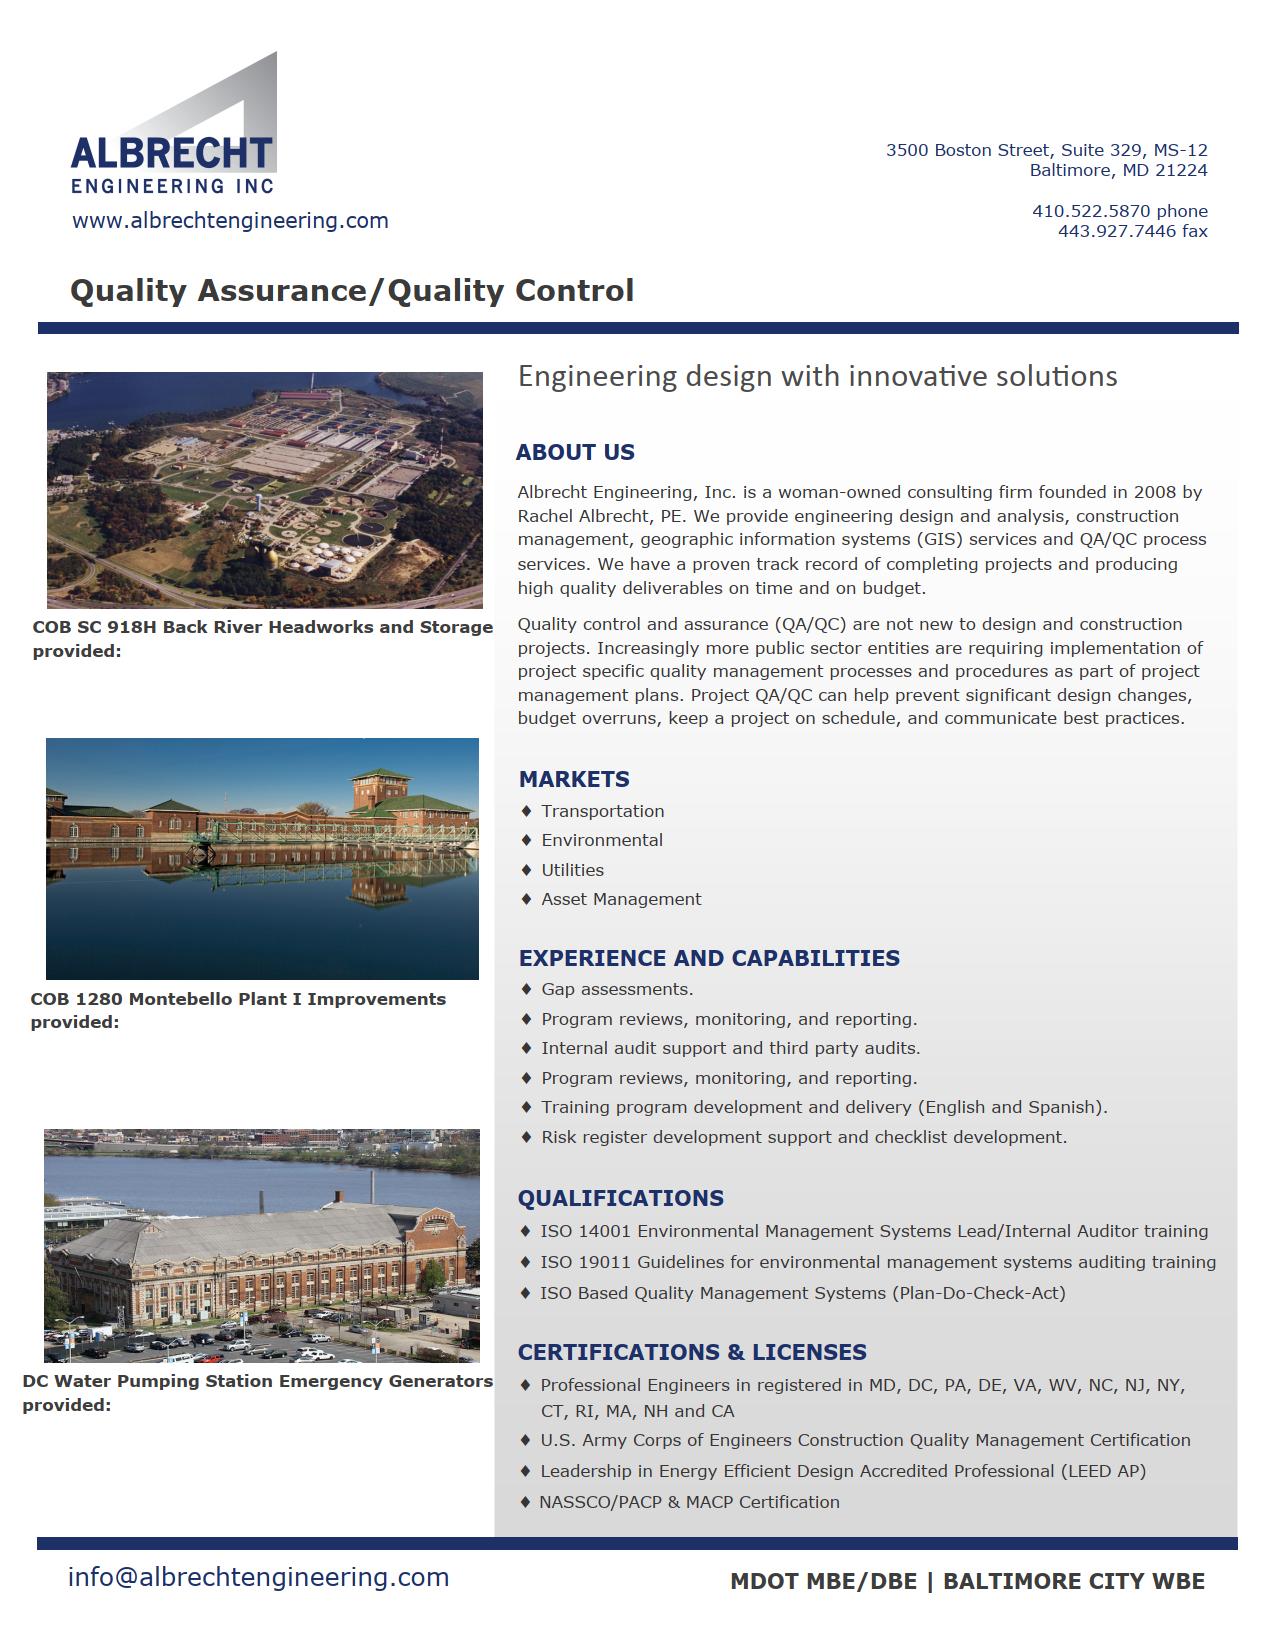 Brochure - QA/QC